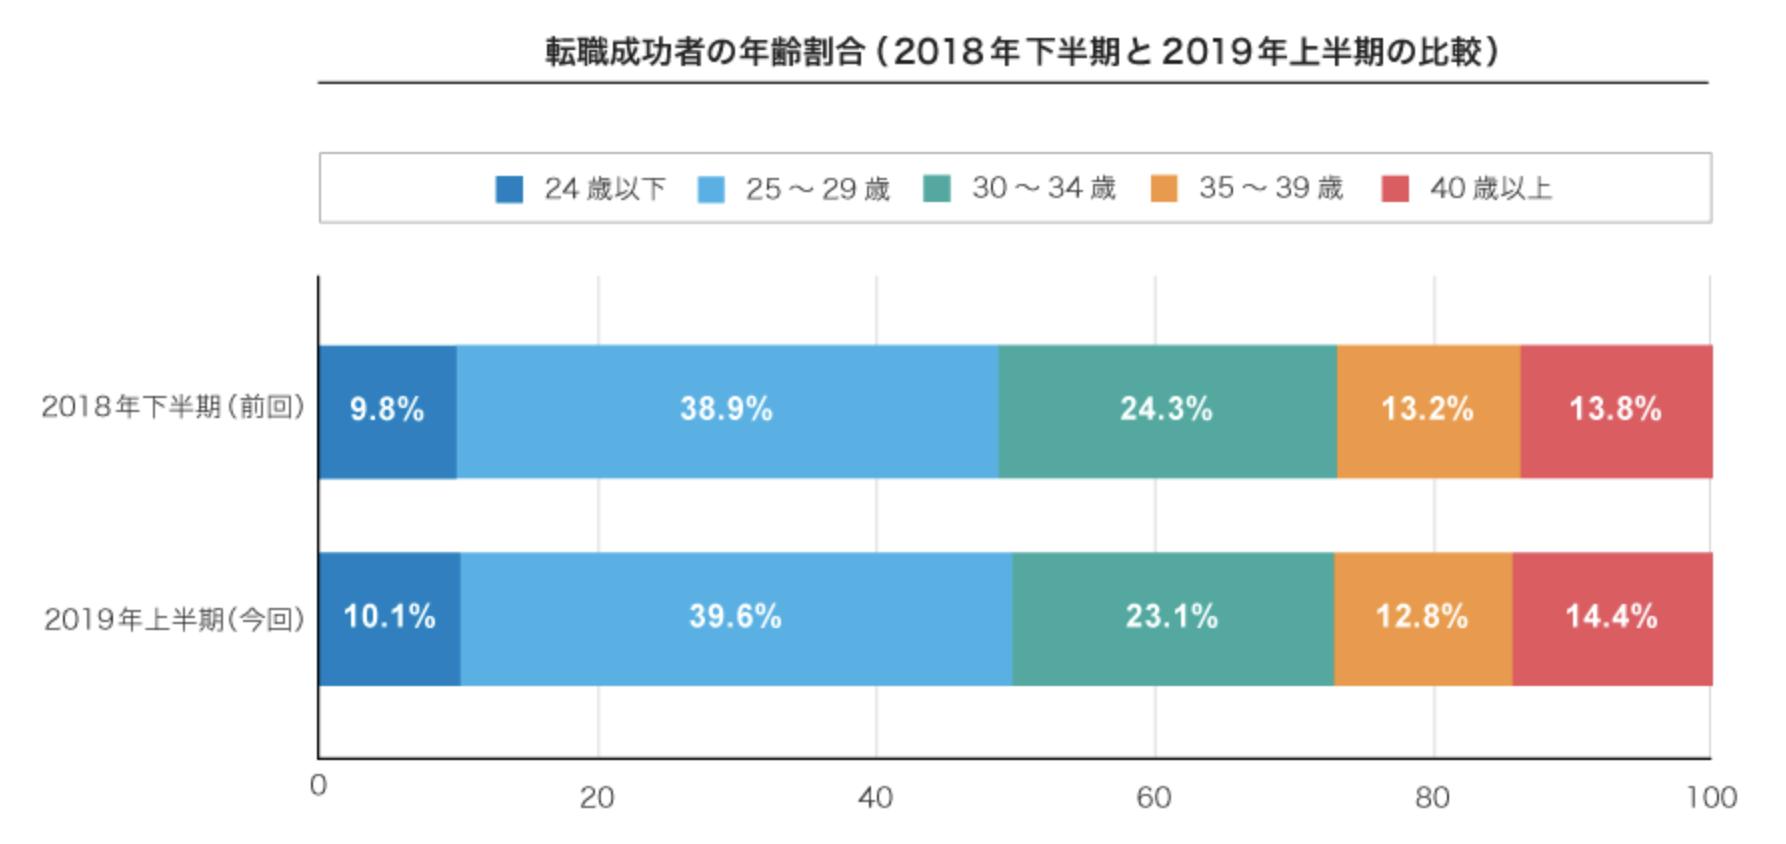 みんなは何歳で転職している?転職成功者の年齢調査(2019年上半期)